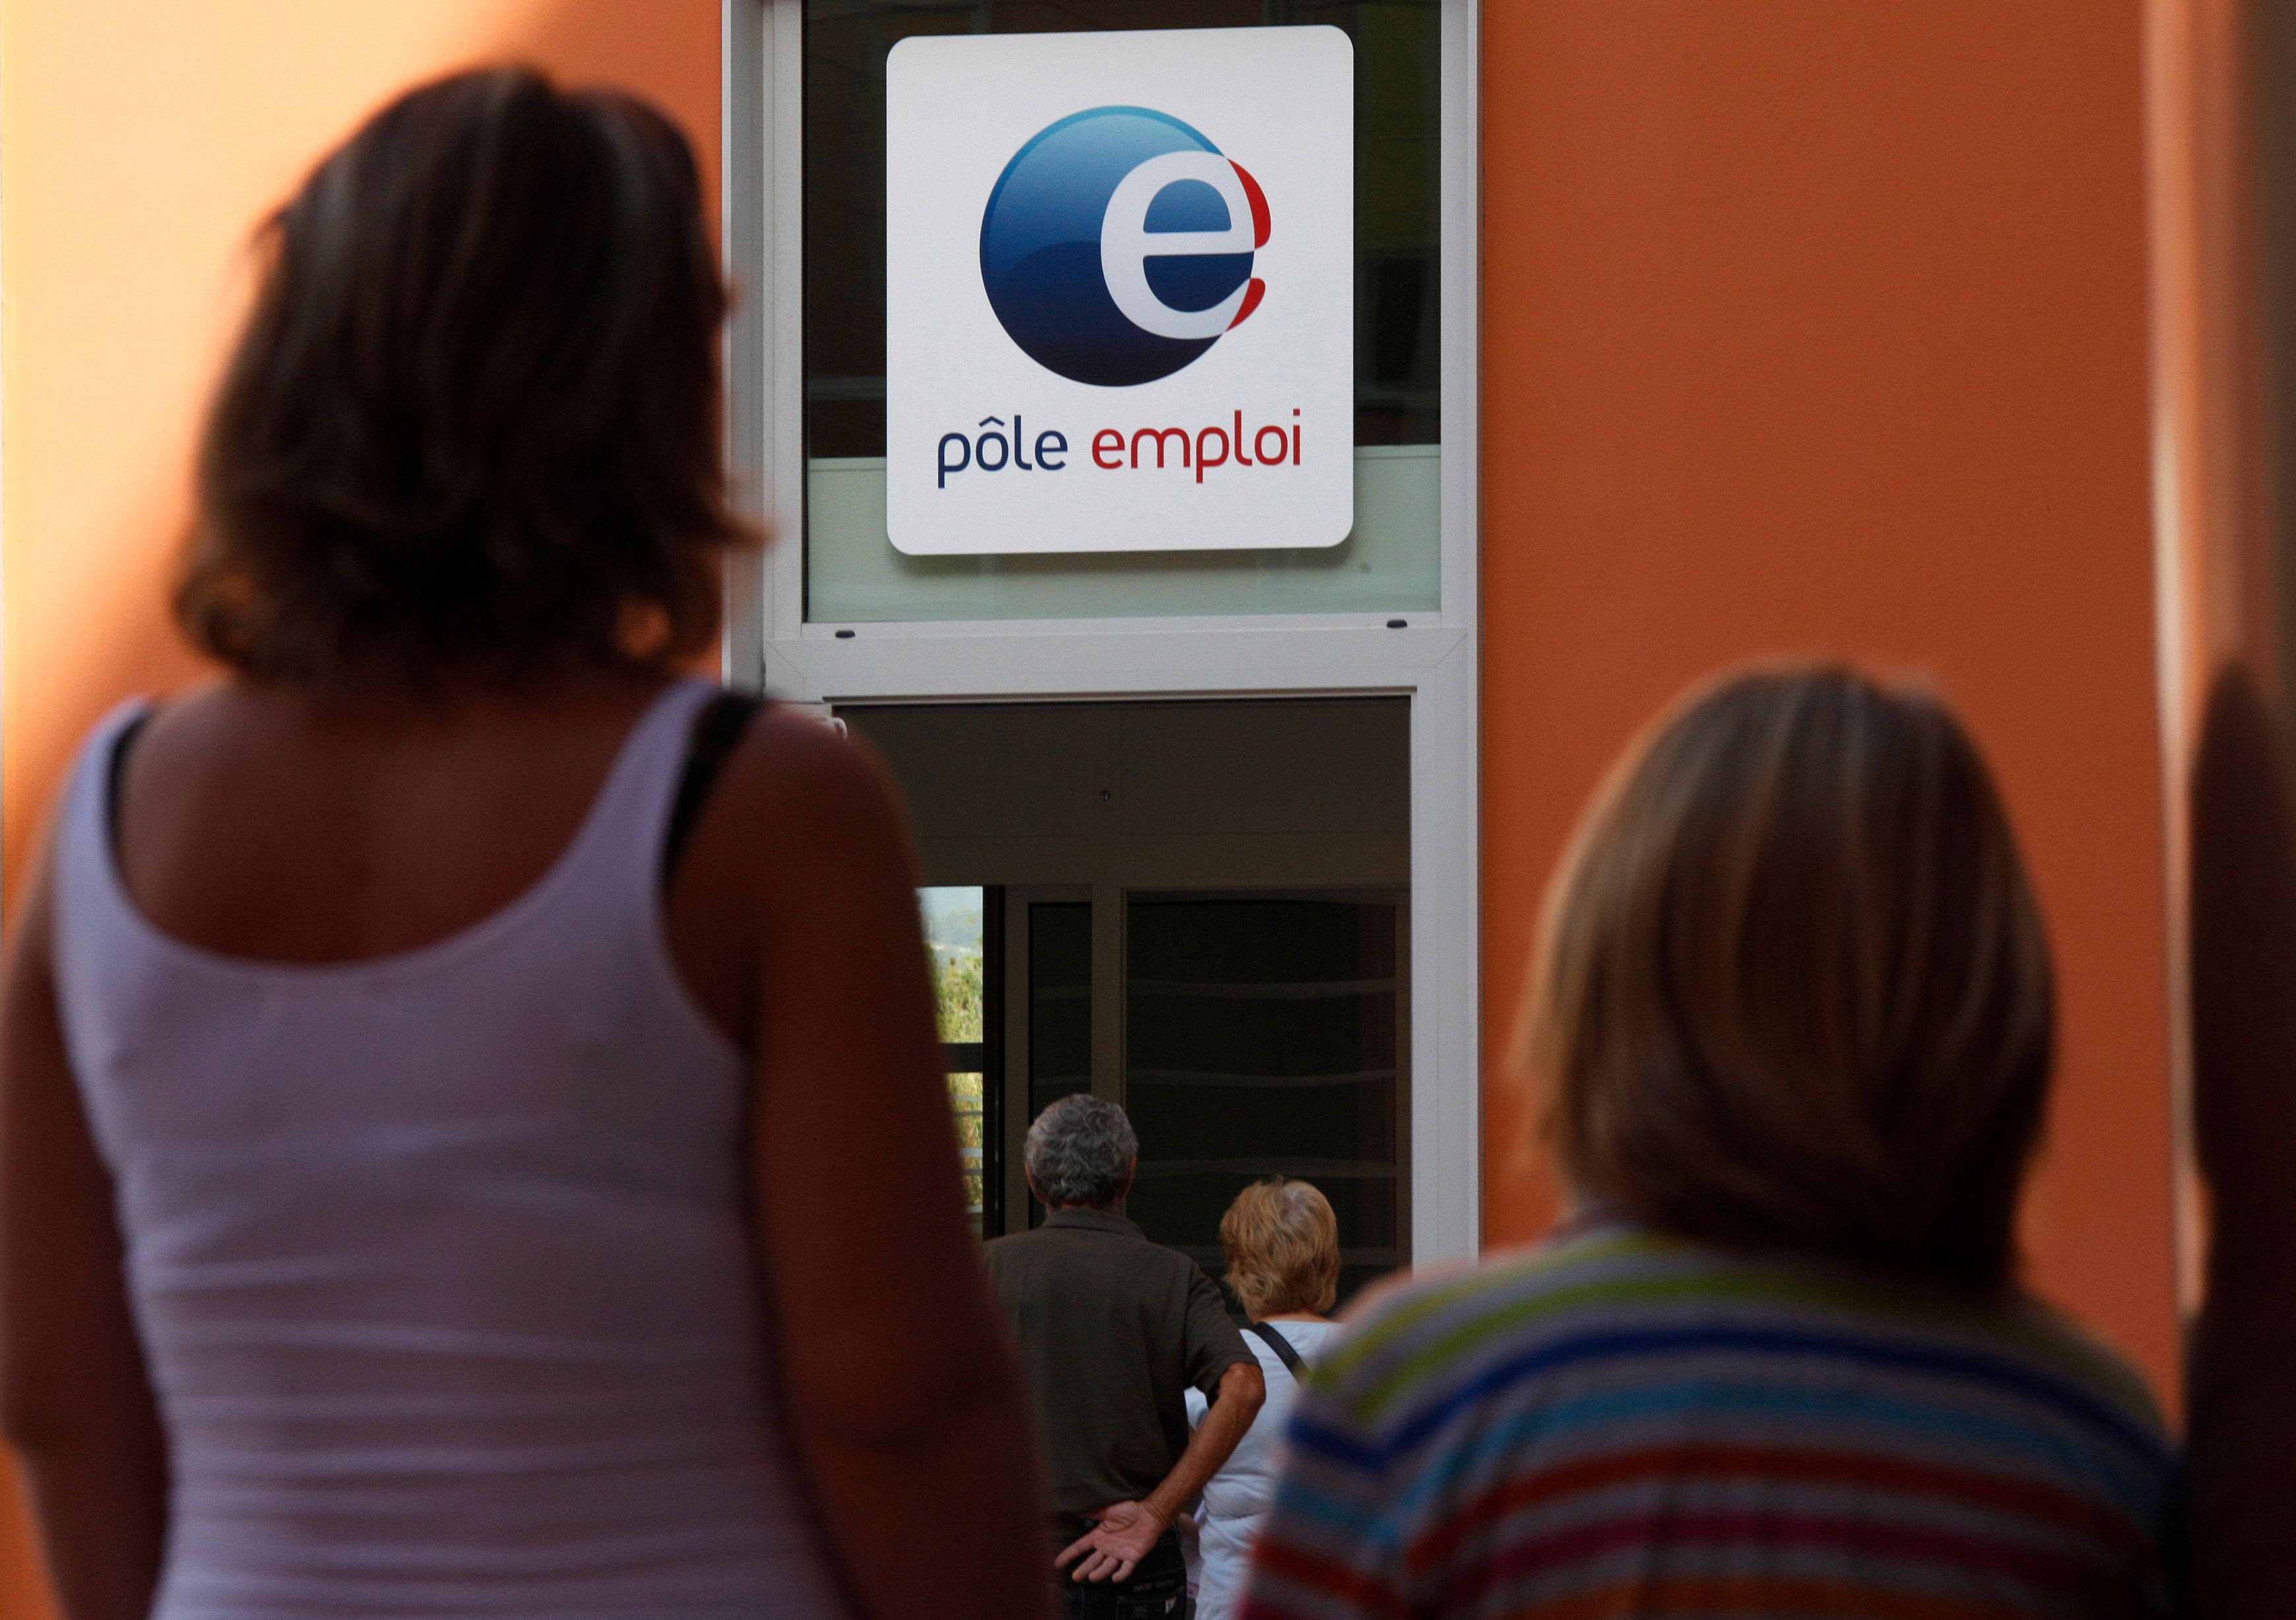 Chômage : 31 500 demandeurs d'emploi en plus en février (+0,9%)